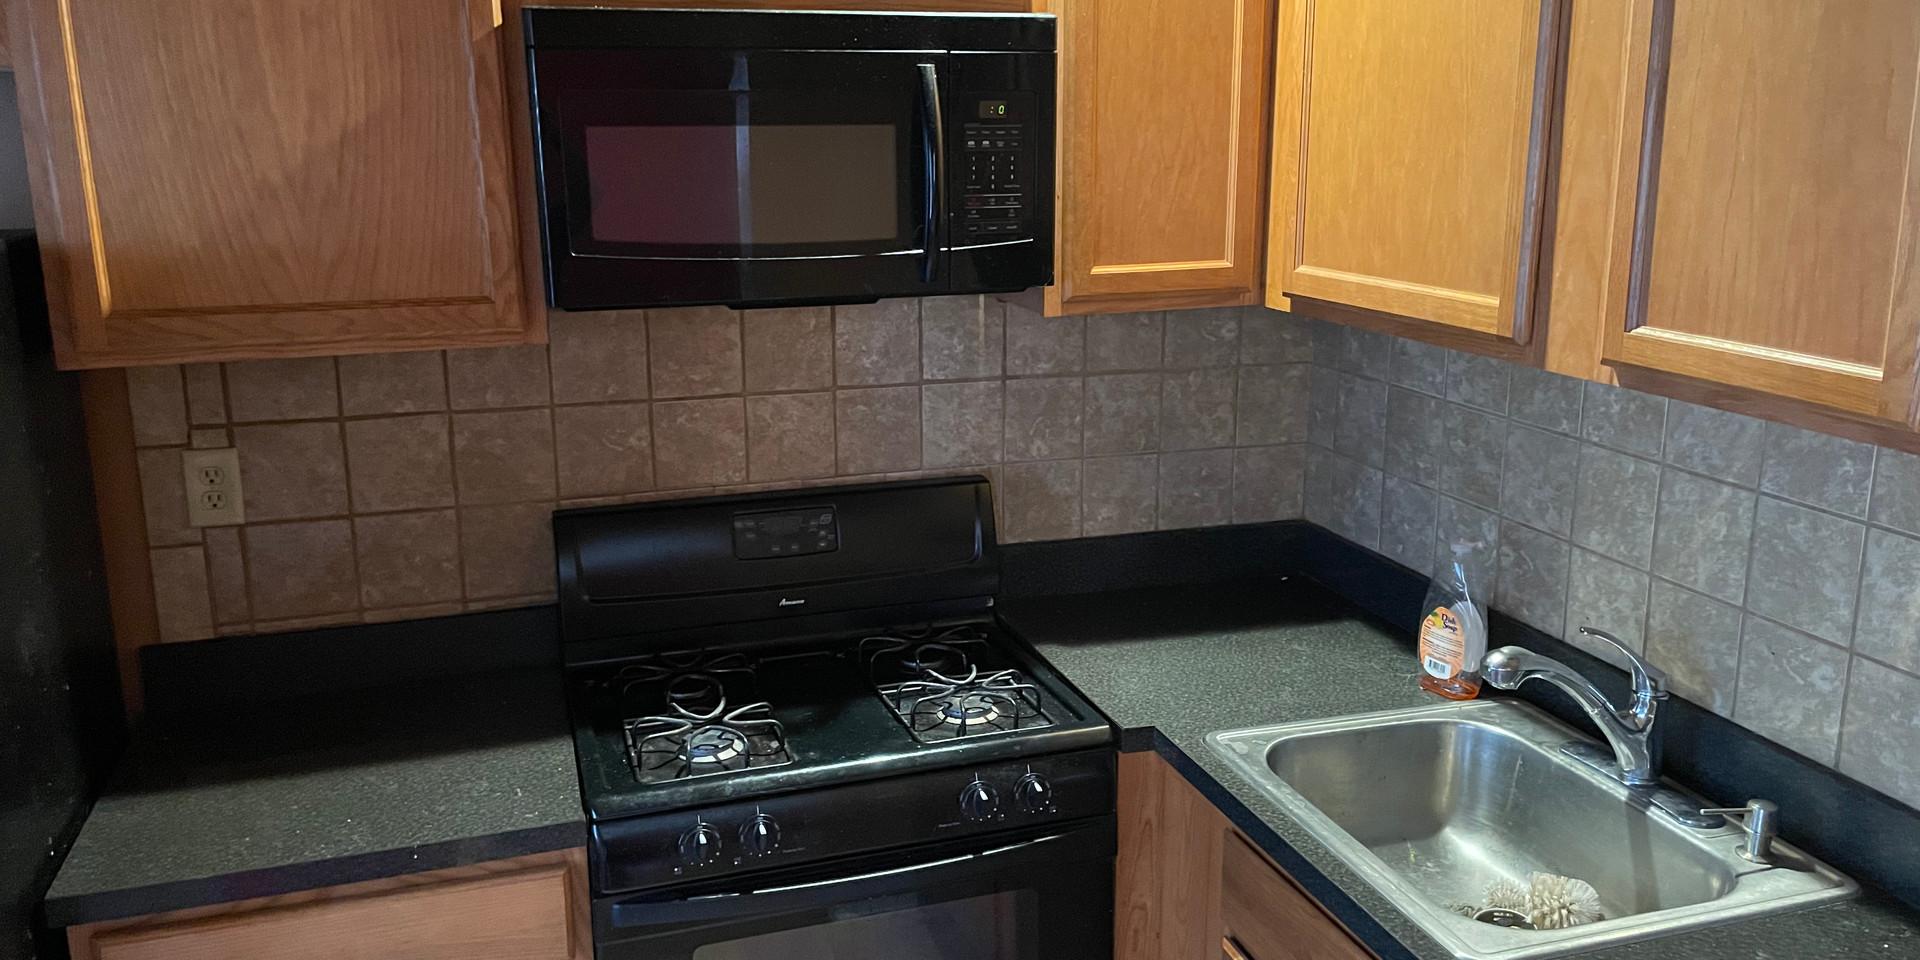 04 - Kitchen.jpg